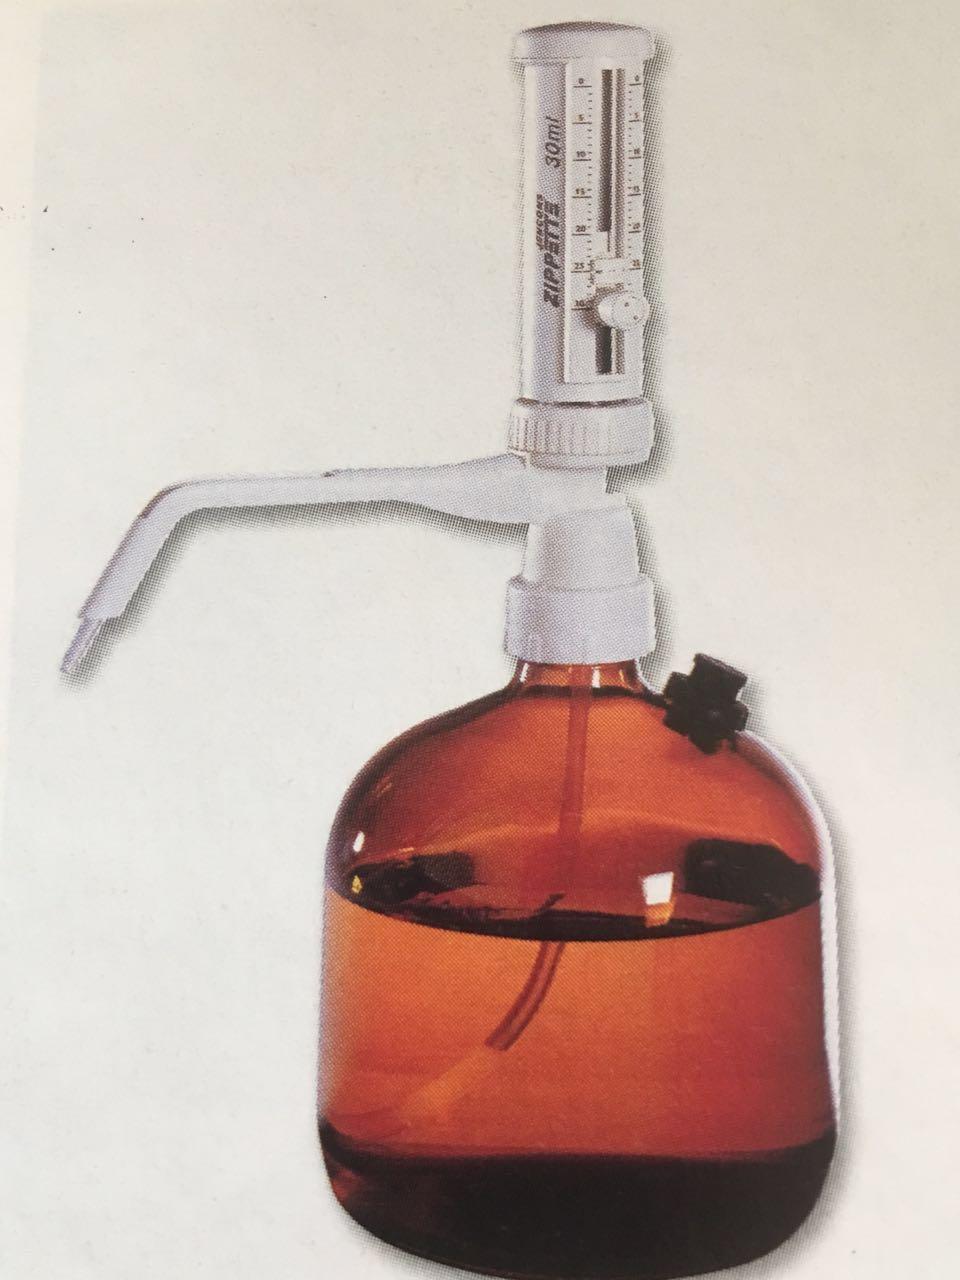 14%三氟化硼甲醇溶液